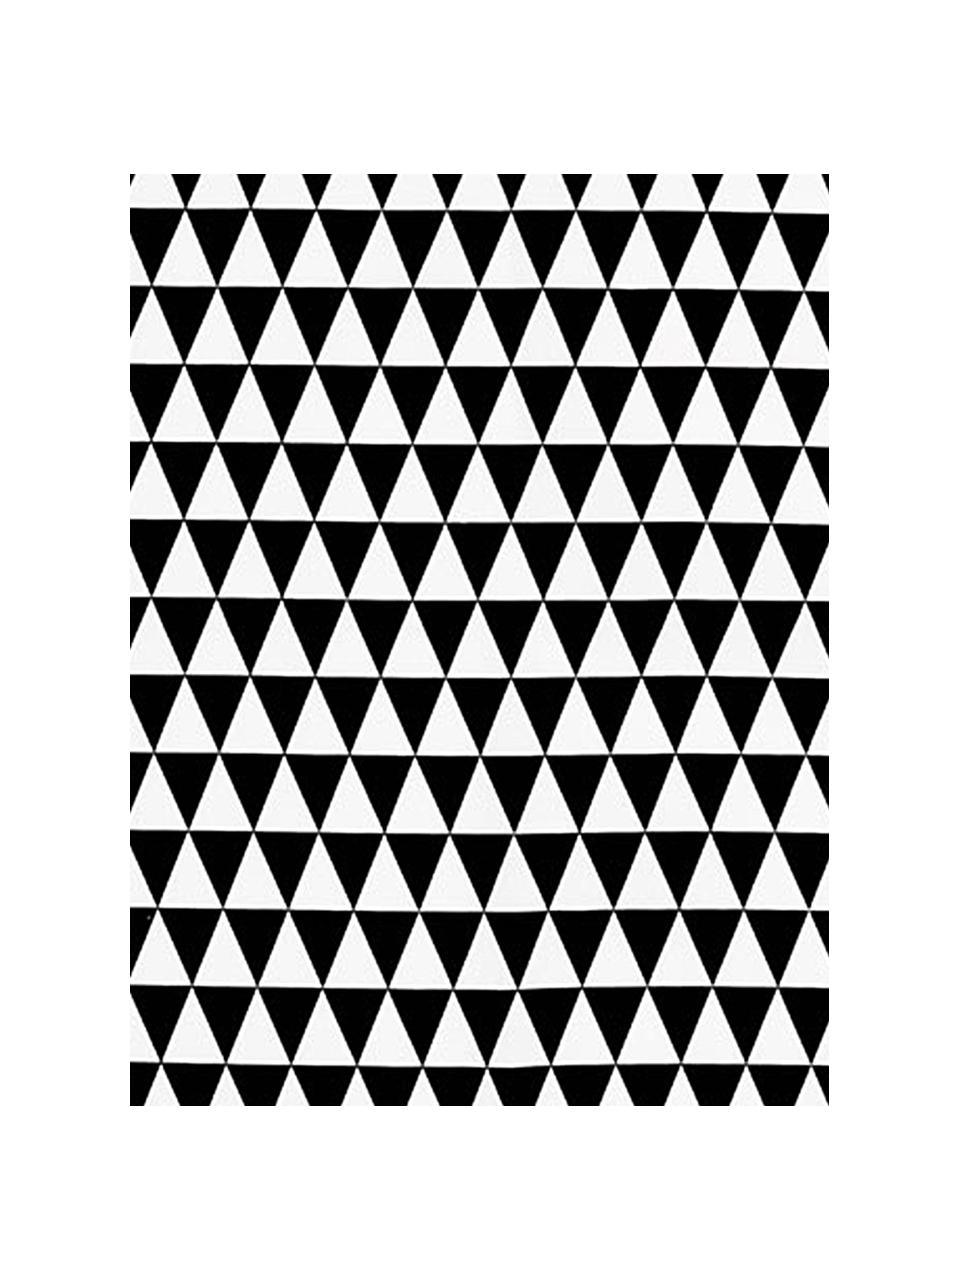 Kompostierbare Schwammtuch-Rolle Dreieck, 70% Cellulose, 30% Baumwolle, Weiß, Schwarz, 24 x 25 cm